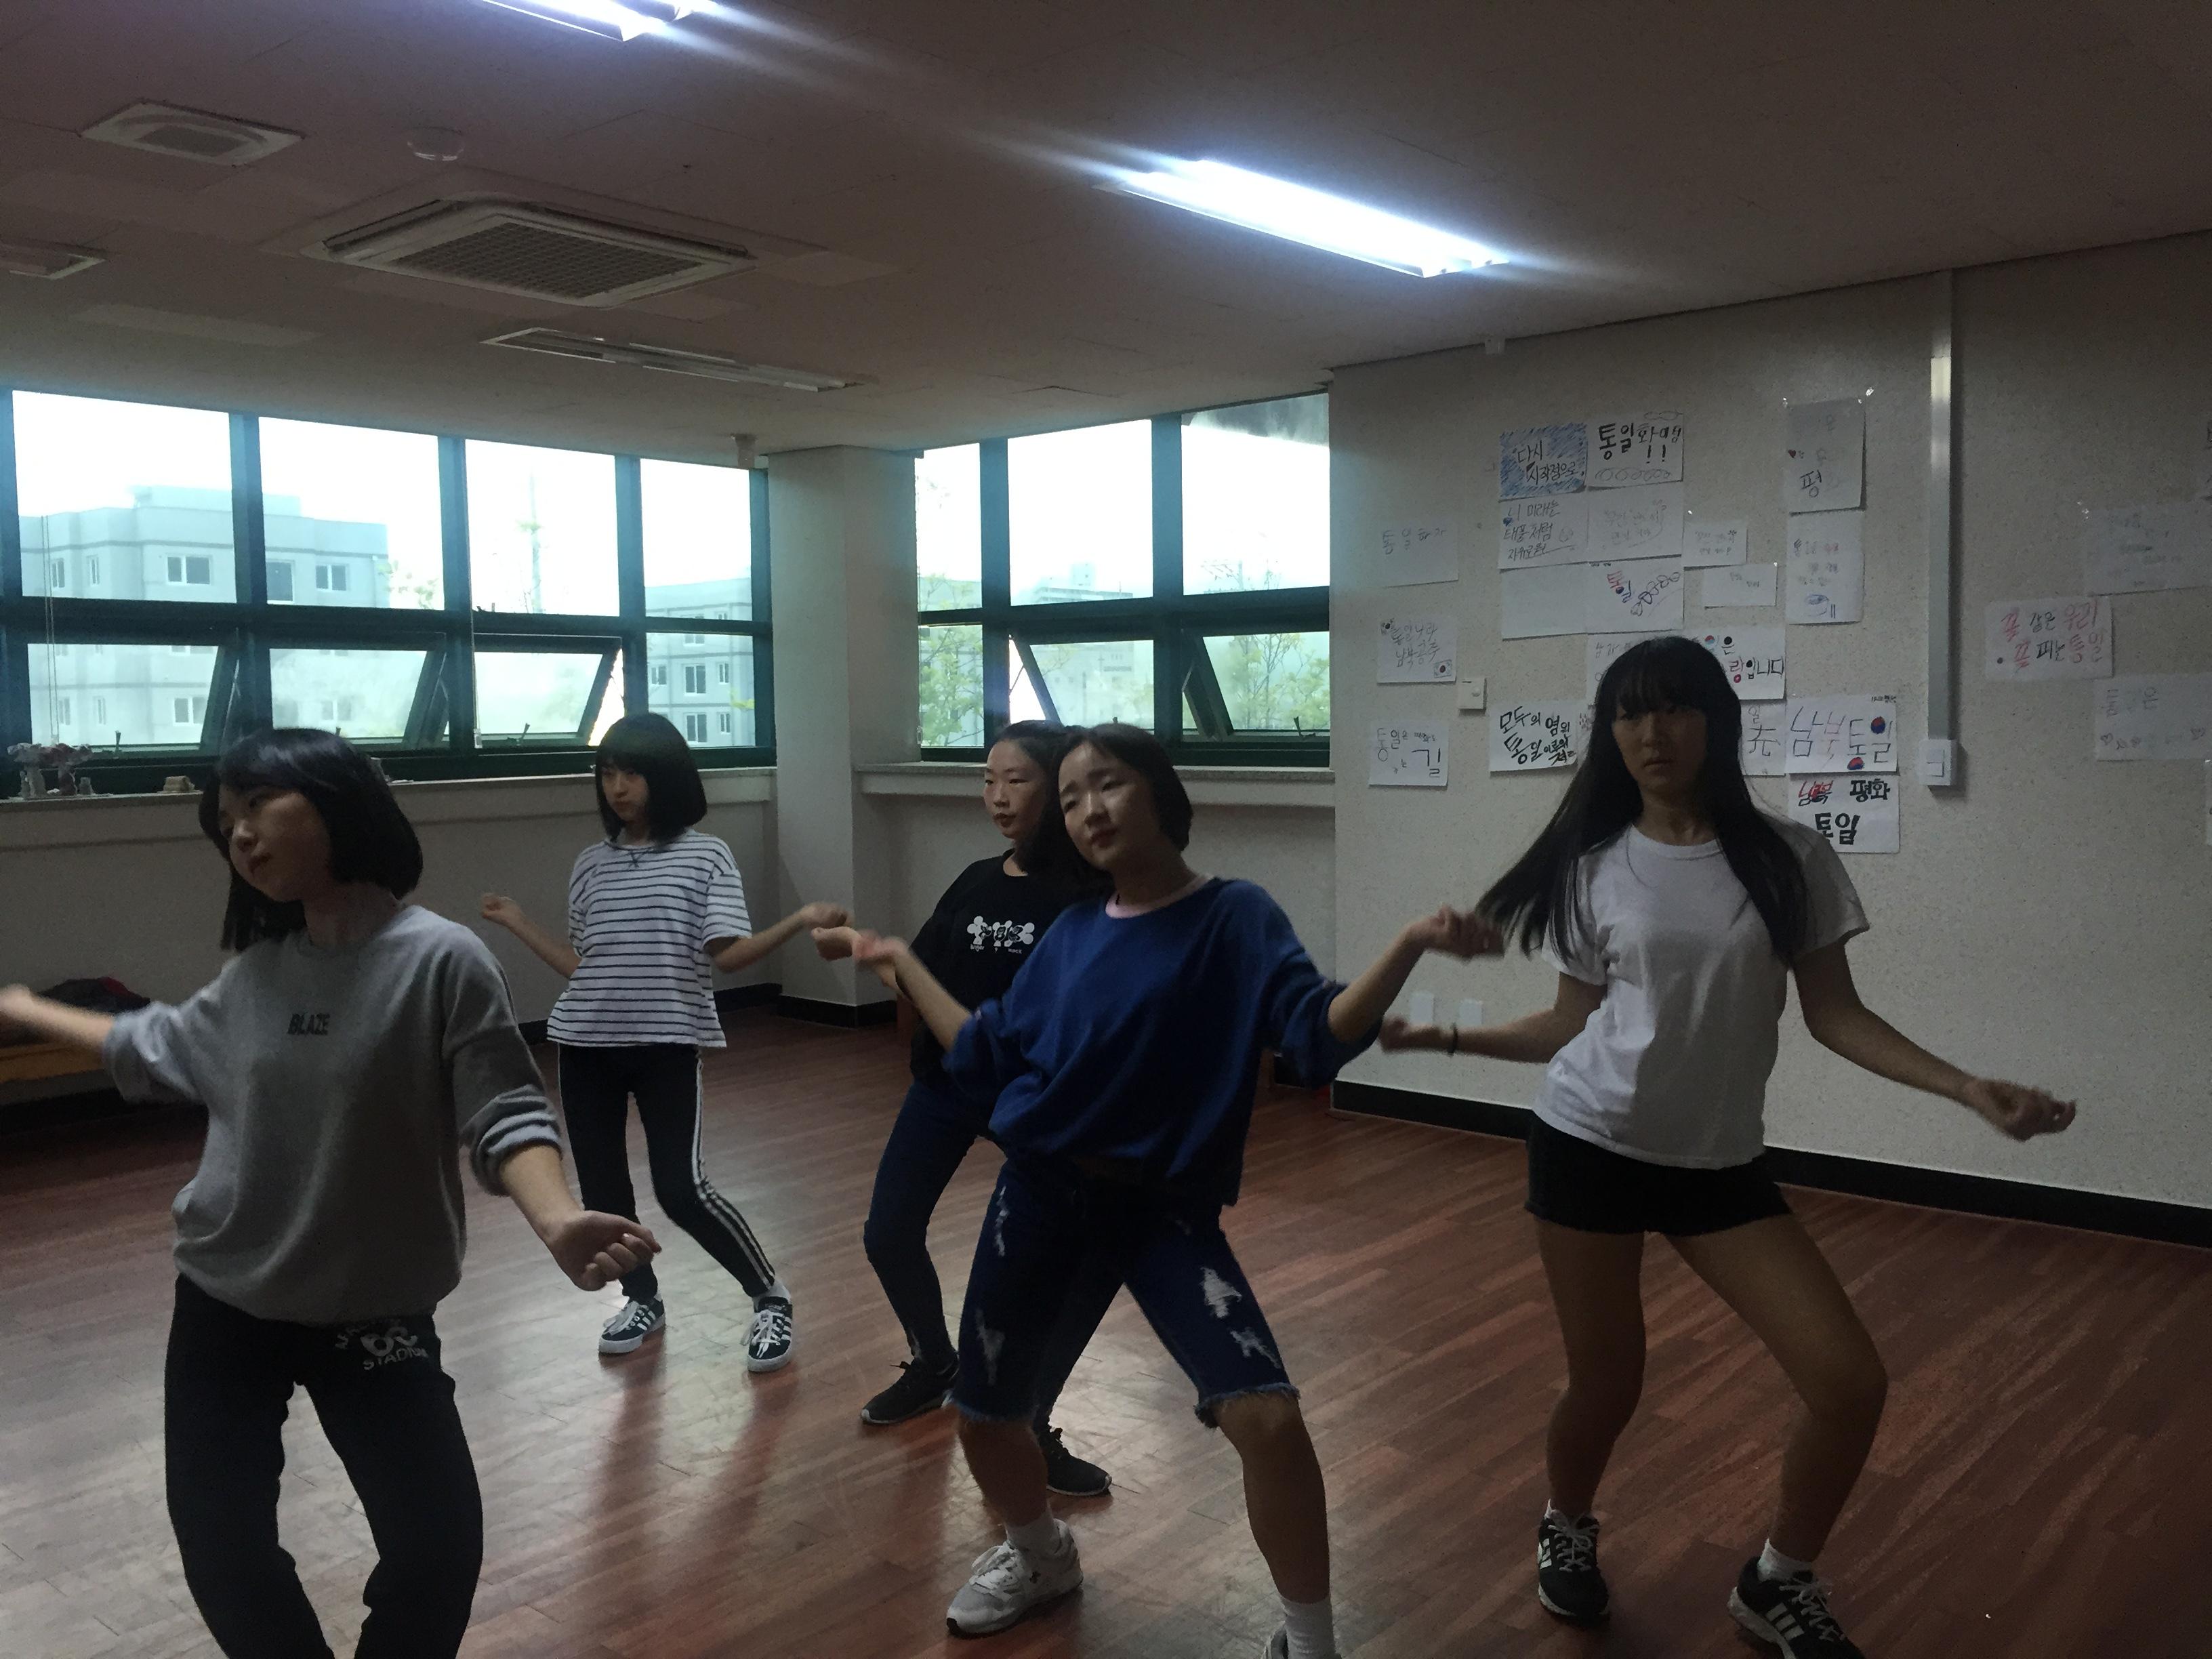 [일반] 1학년 댄스반 자율동아리 활동모습의 첨부이미지 5